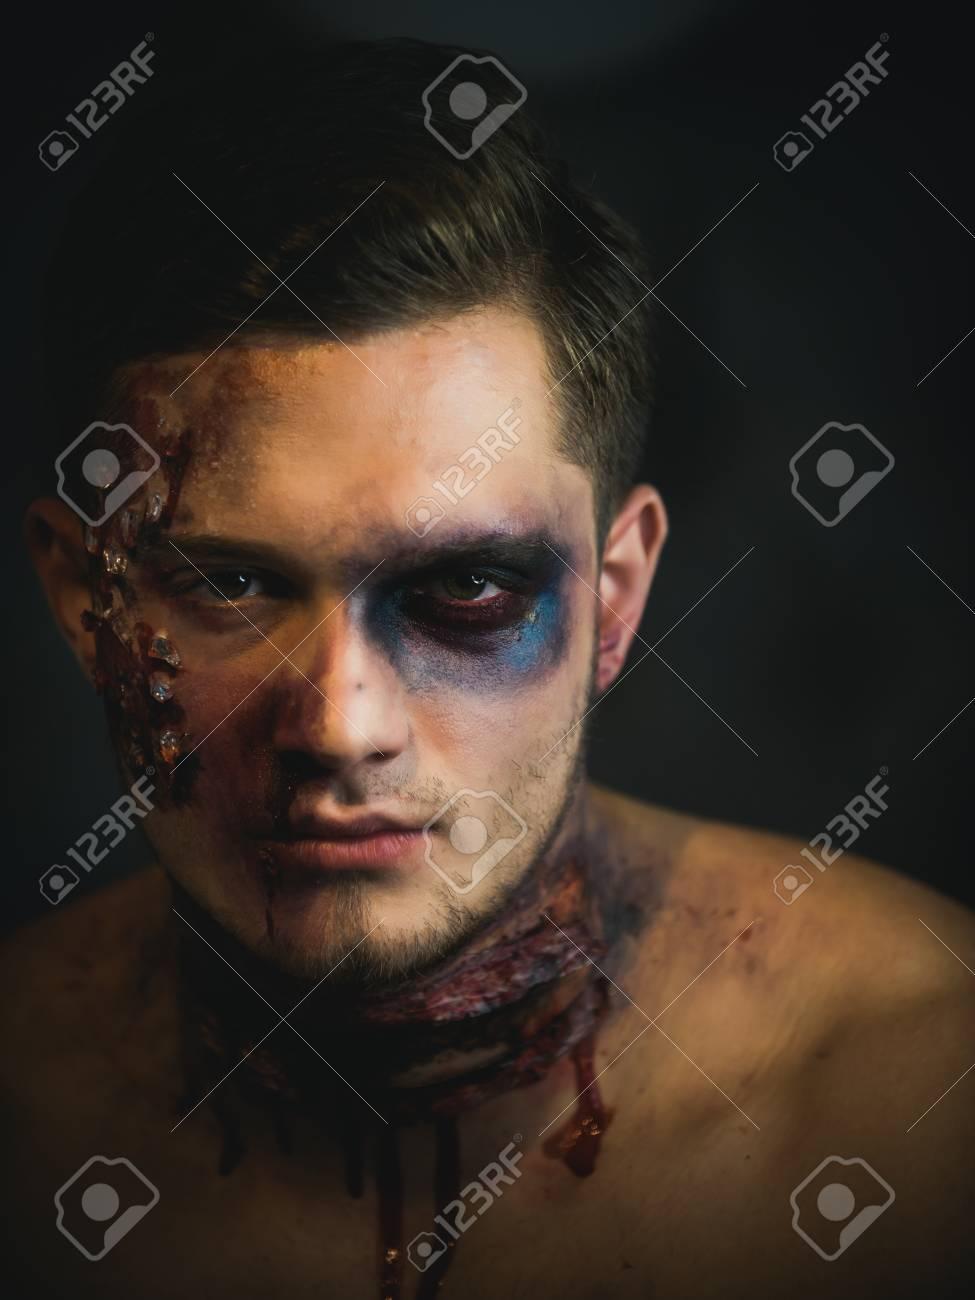 Tipo De Halloween Con Sangre Y Heridas Vacaciones Y Celebracion Un - Maquillaje-zombie-hombre